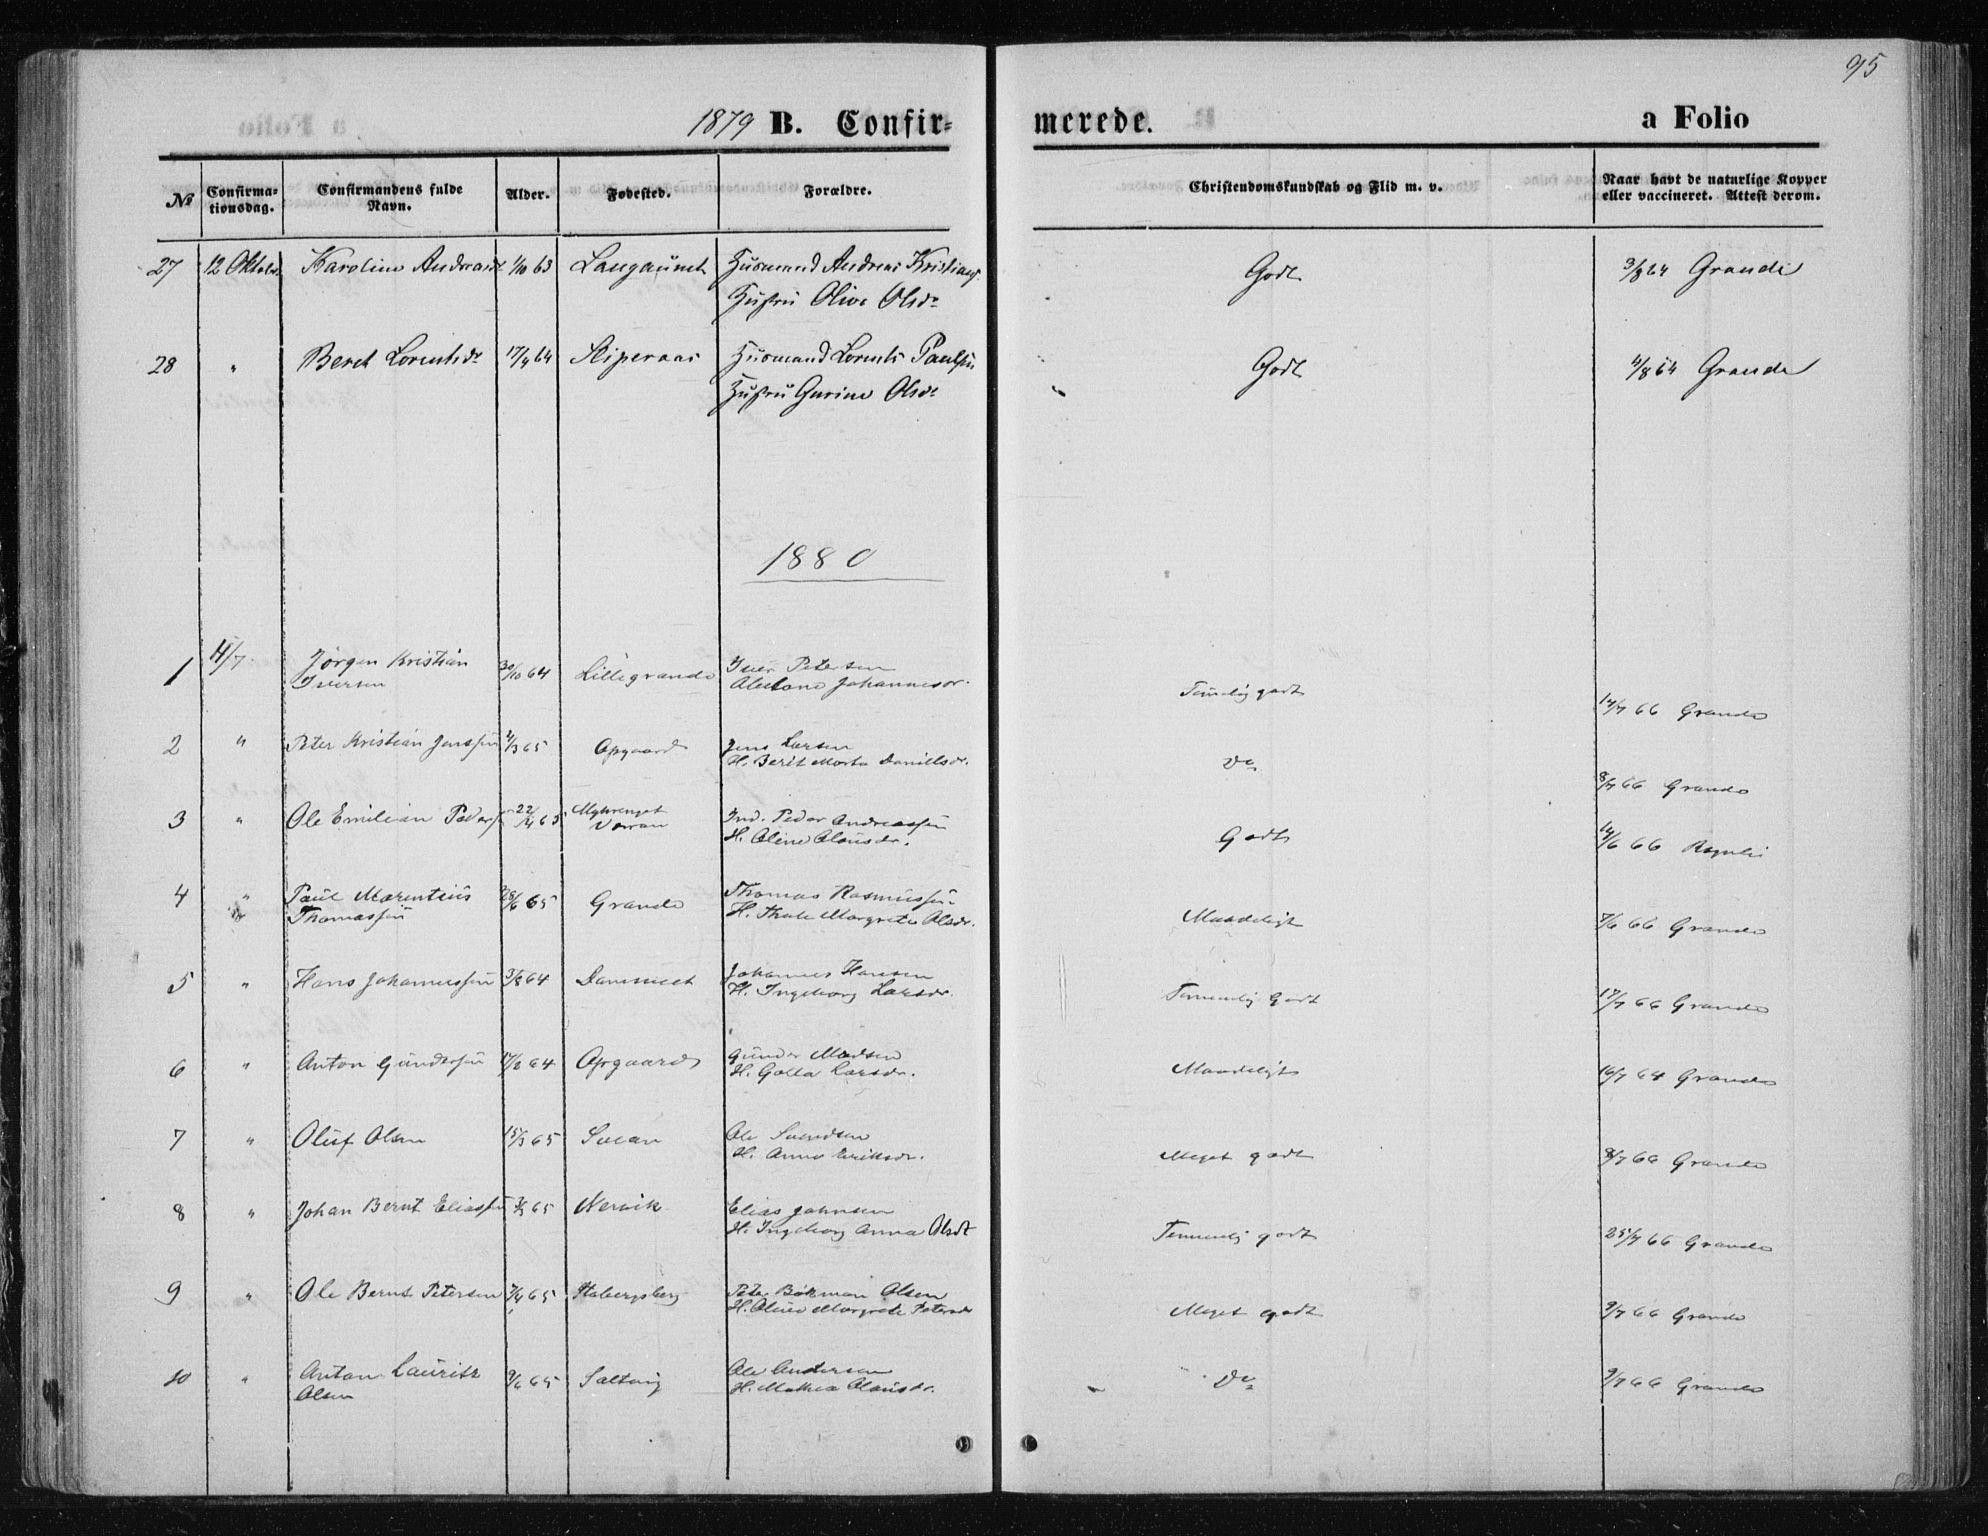 SAT, Ministerialprotokoller, klokkerbøker og fødselsregistre - Nord-Trøndelag, 733/L0324: Ministerialbok nr. 733A03, 1870-1883, s. 95